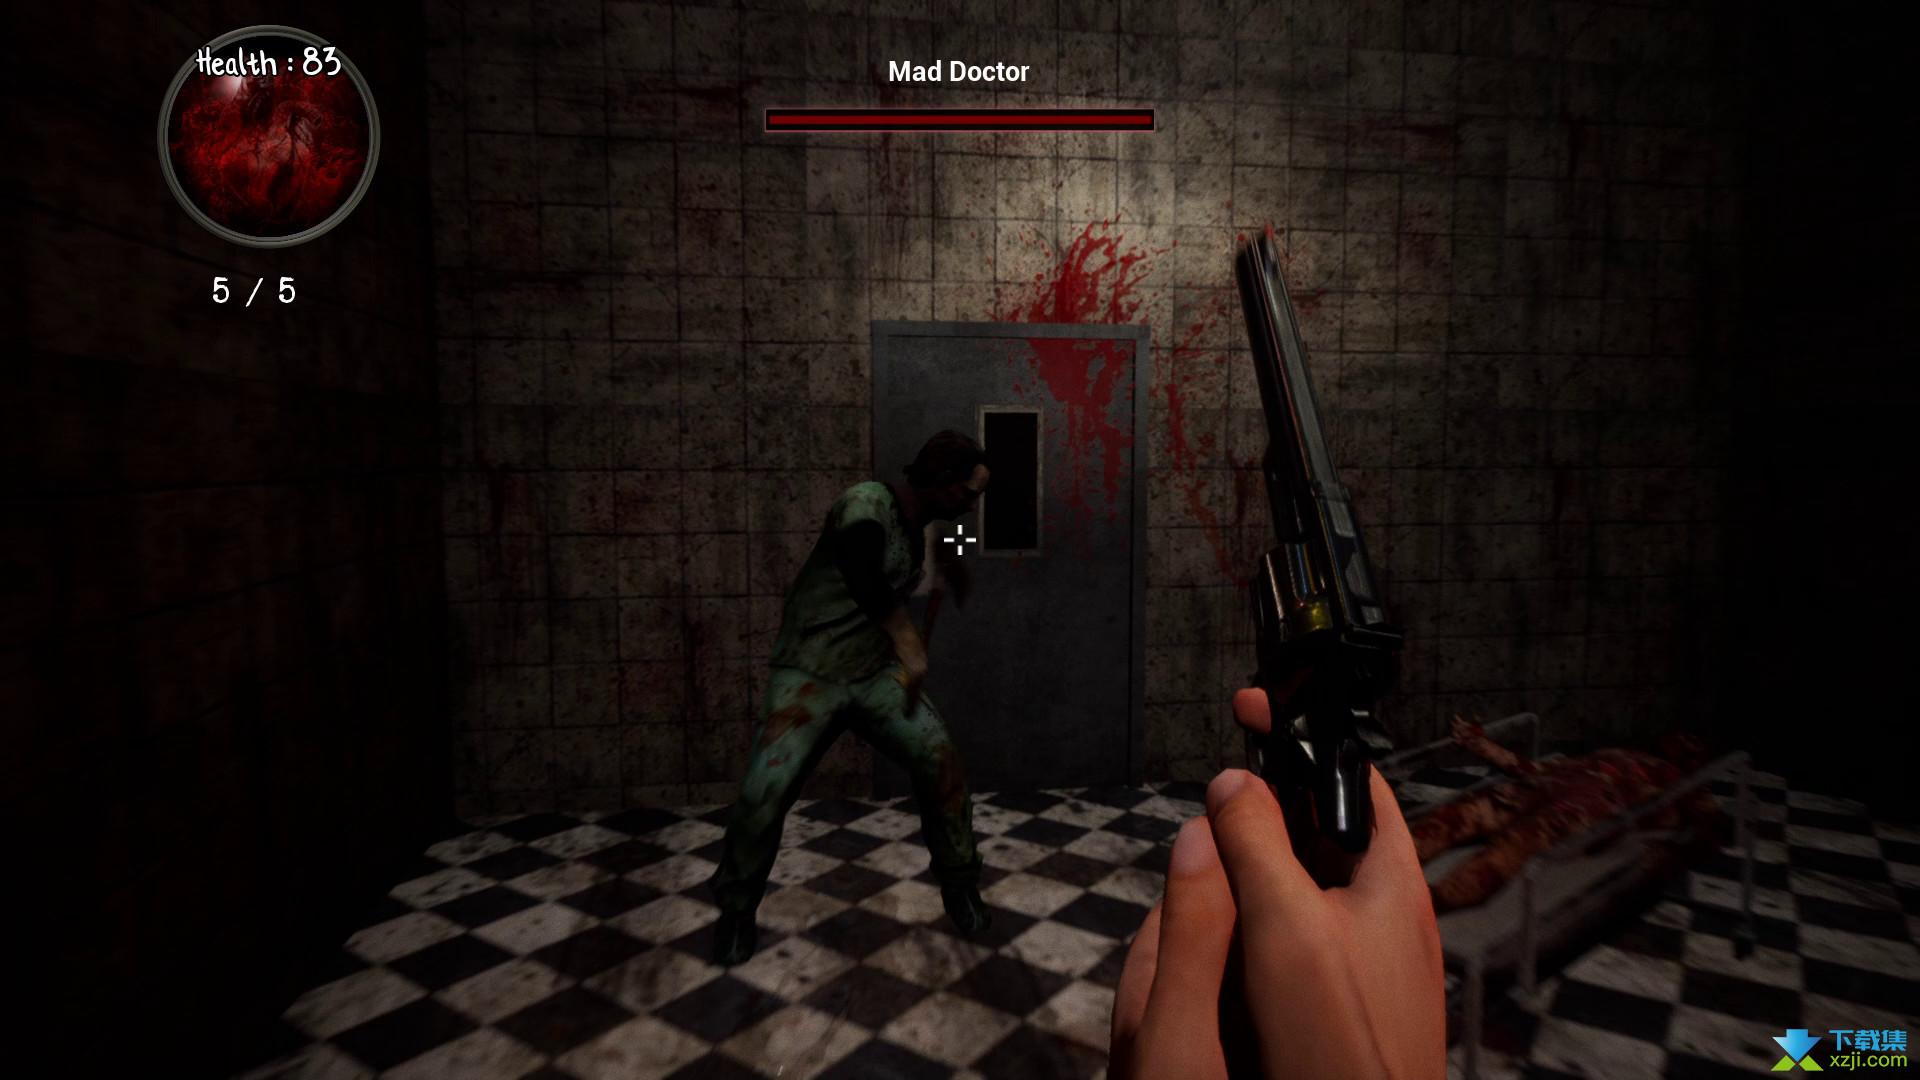 恐怖医院游戏界面2